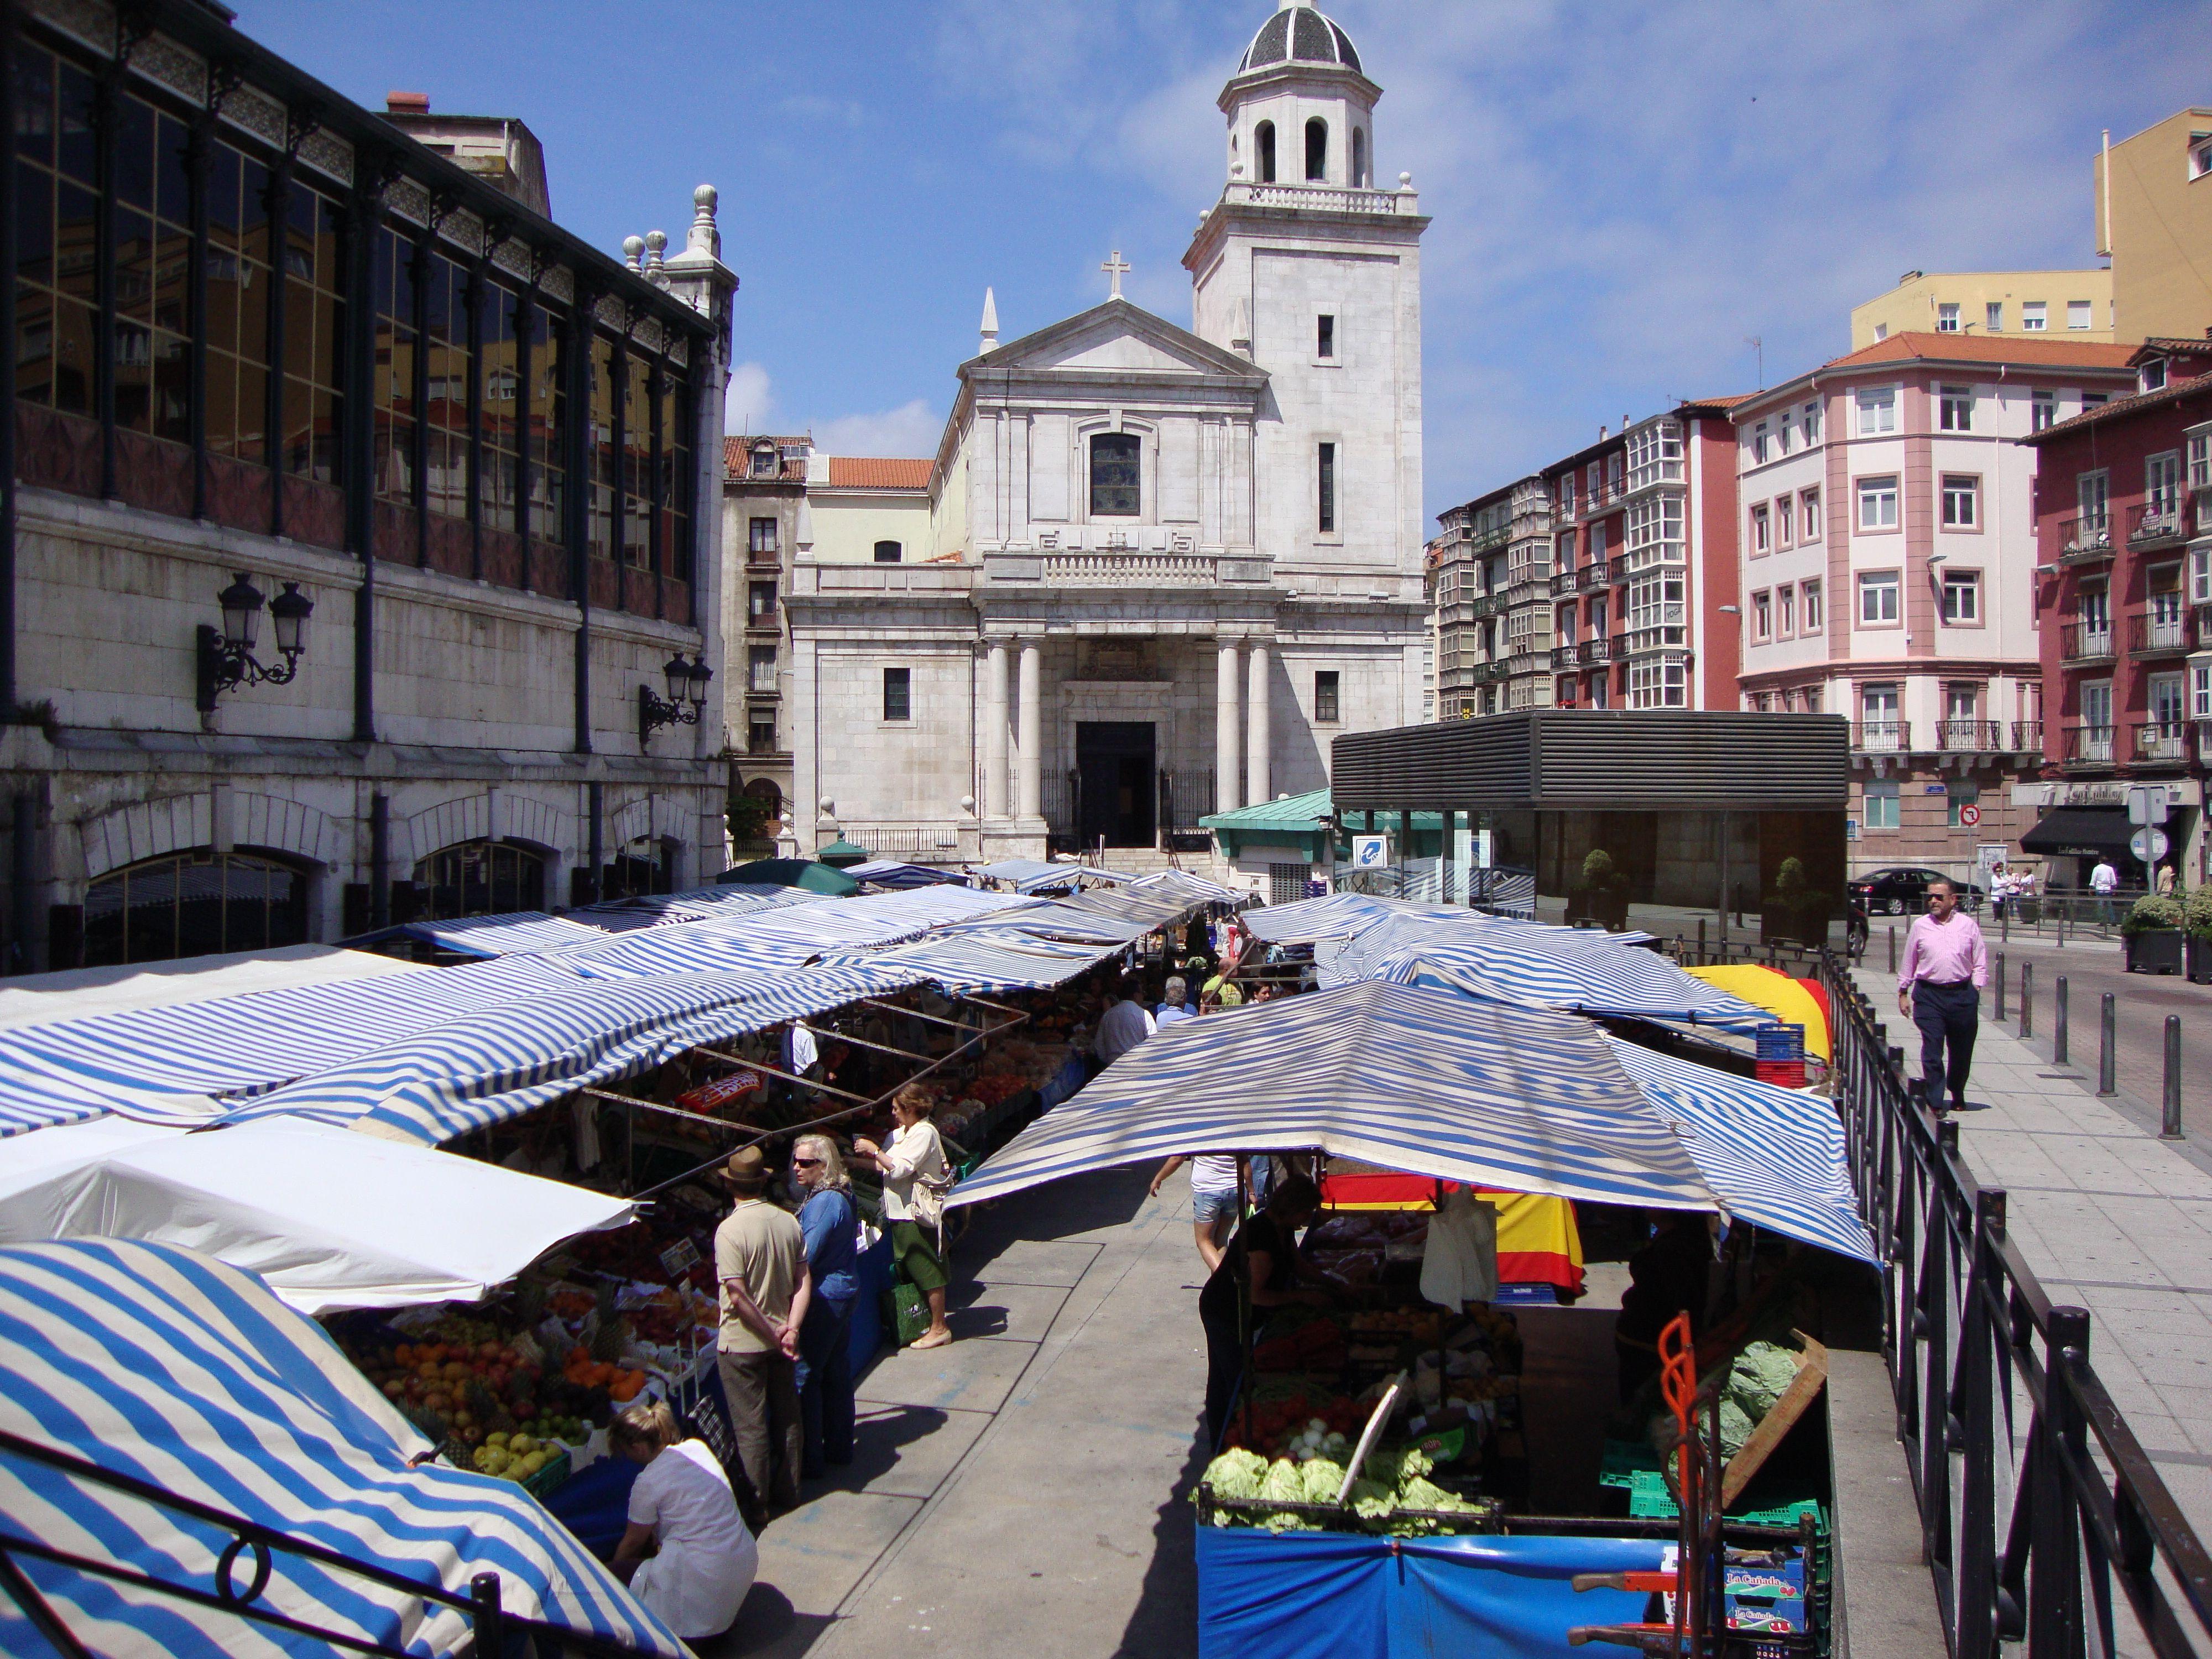 Tourist Attractions In Santander Spain Banco de espana santander